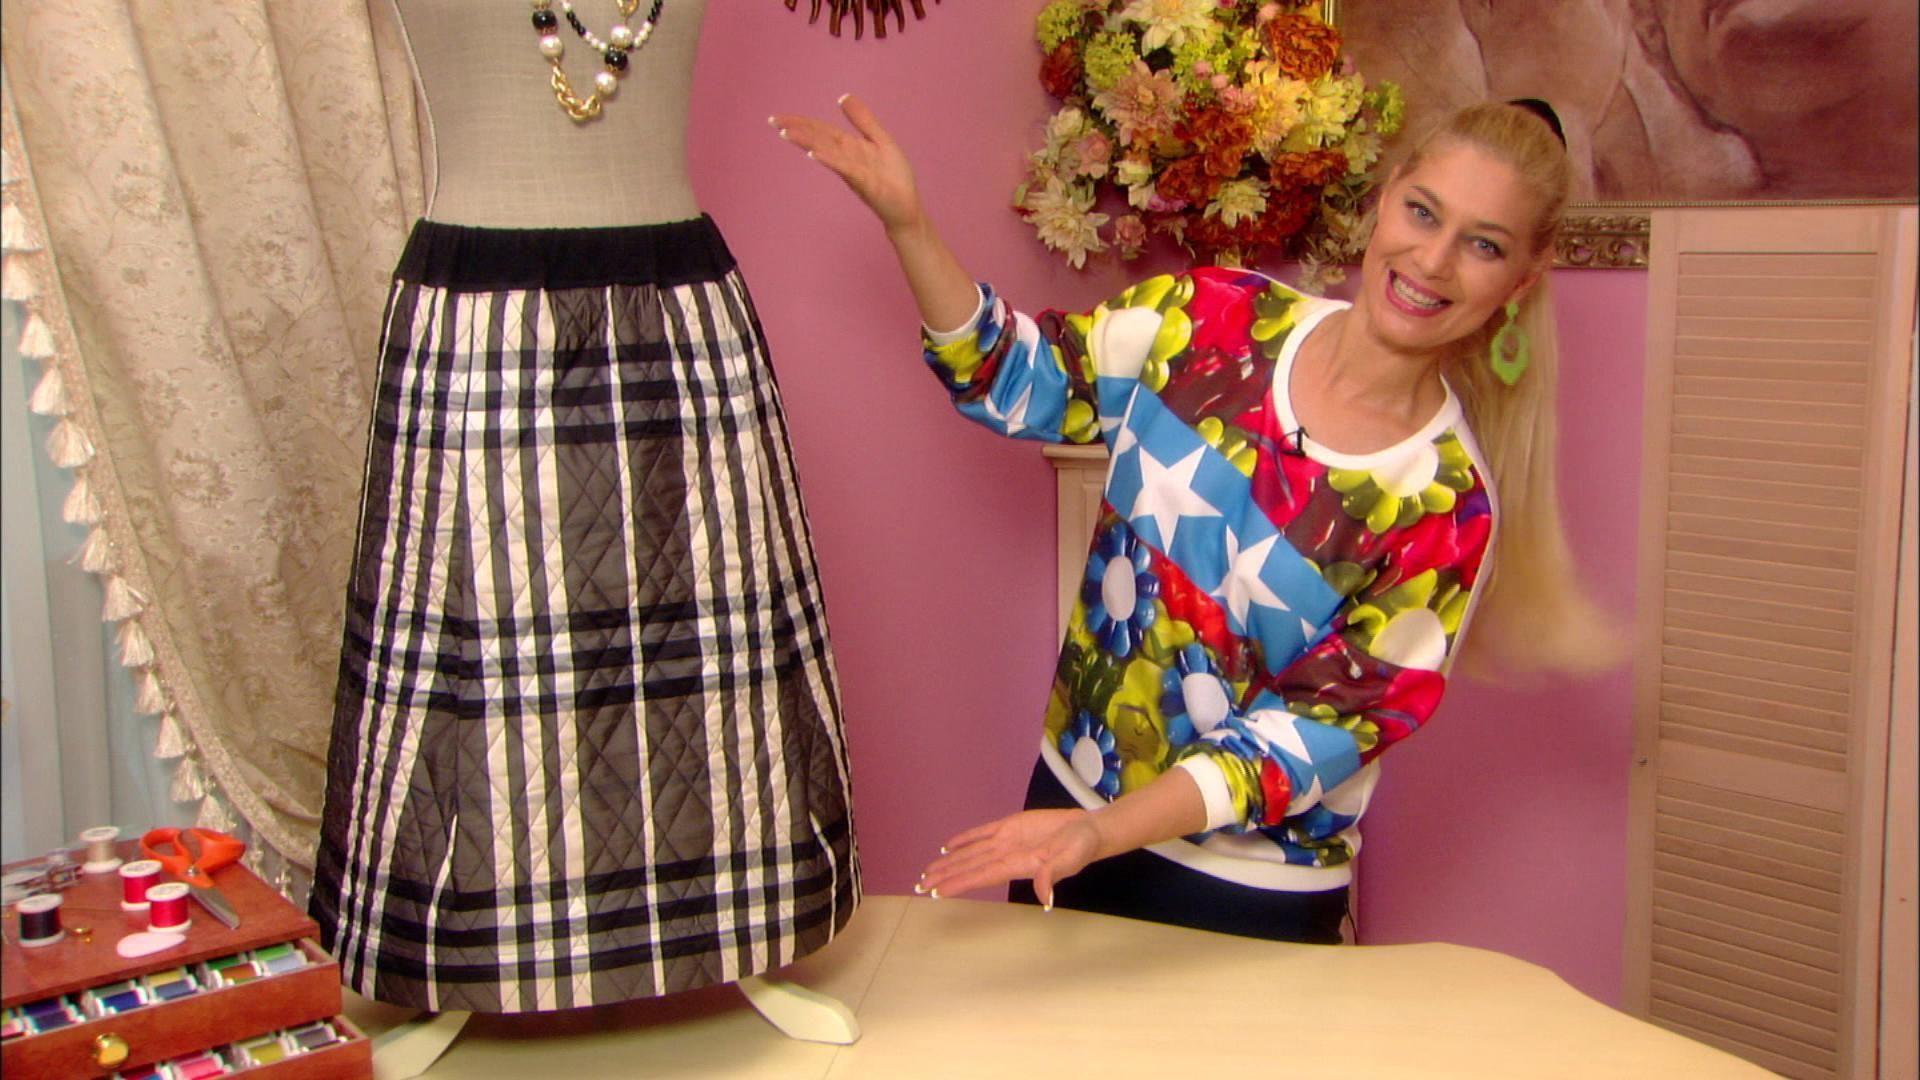 Учимся быстро и без выкройки по видео урокам шить платье своими руками 77